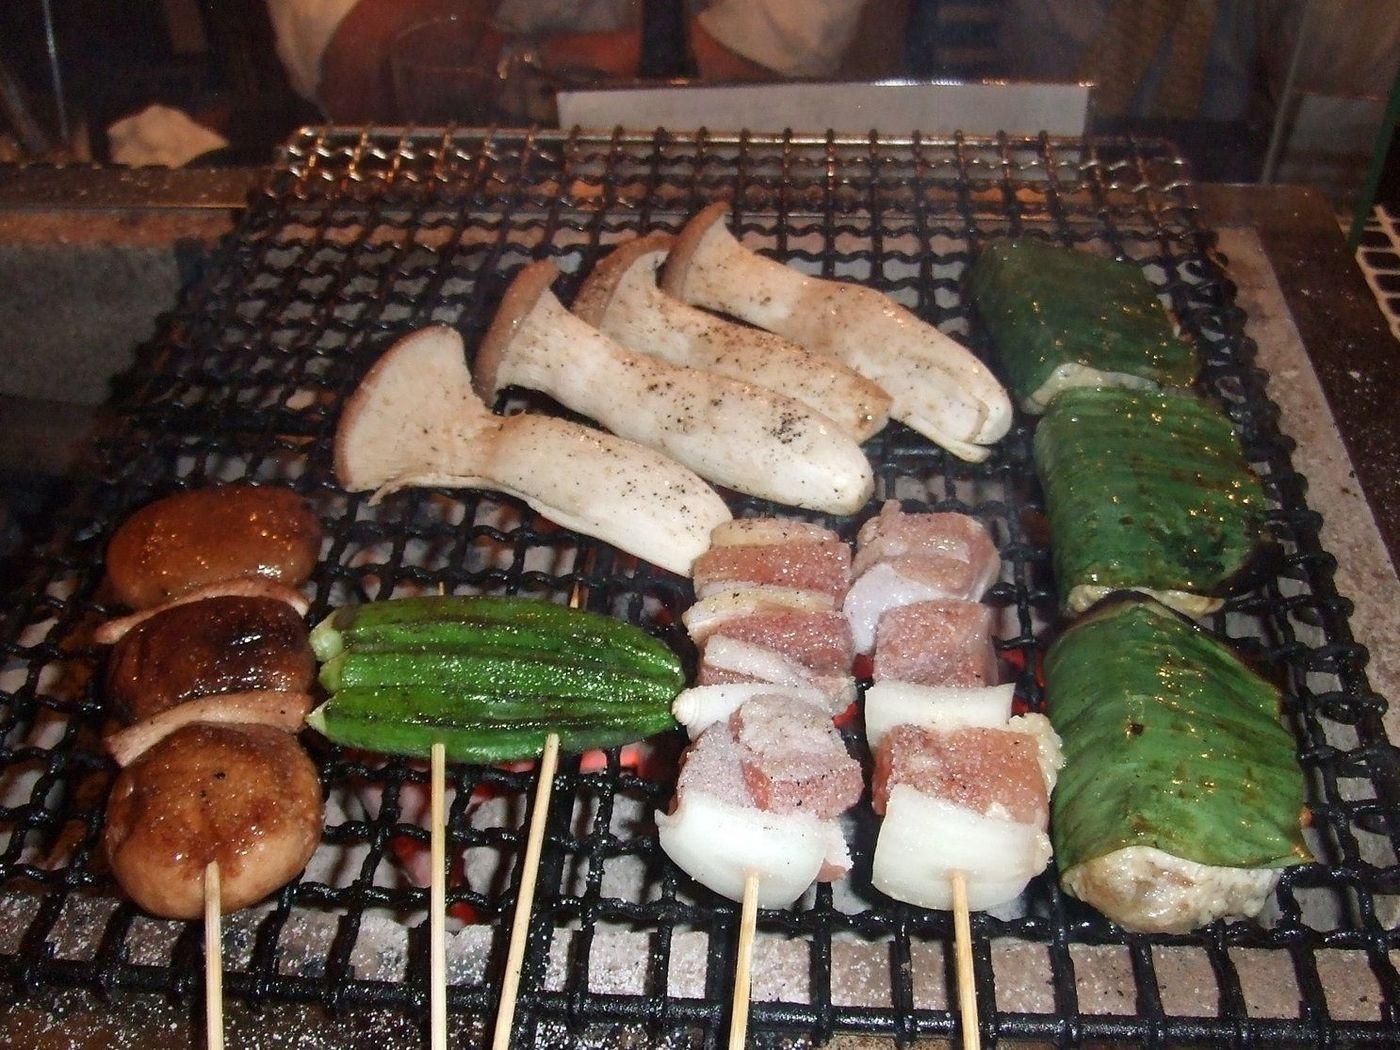 西新宿で焼き鳥を!大人女子でも楽しめるおしゃれな焼き鳥屋10選の画像